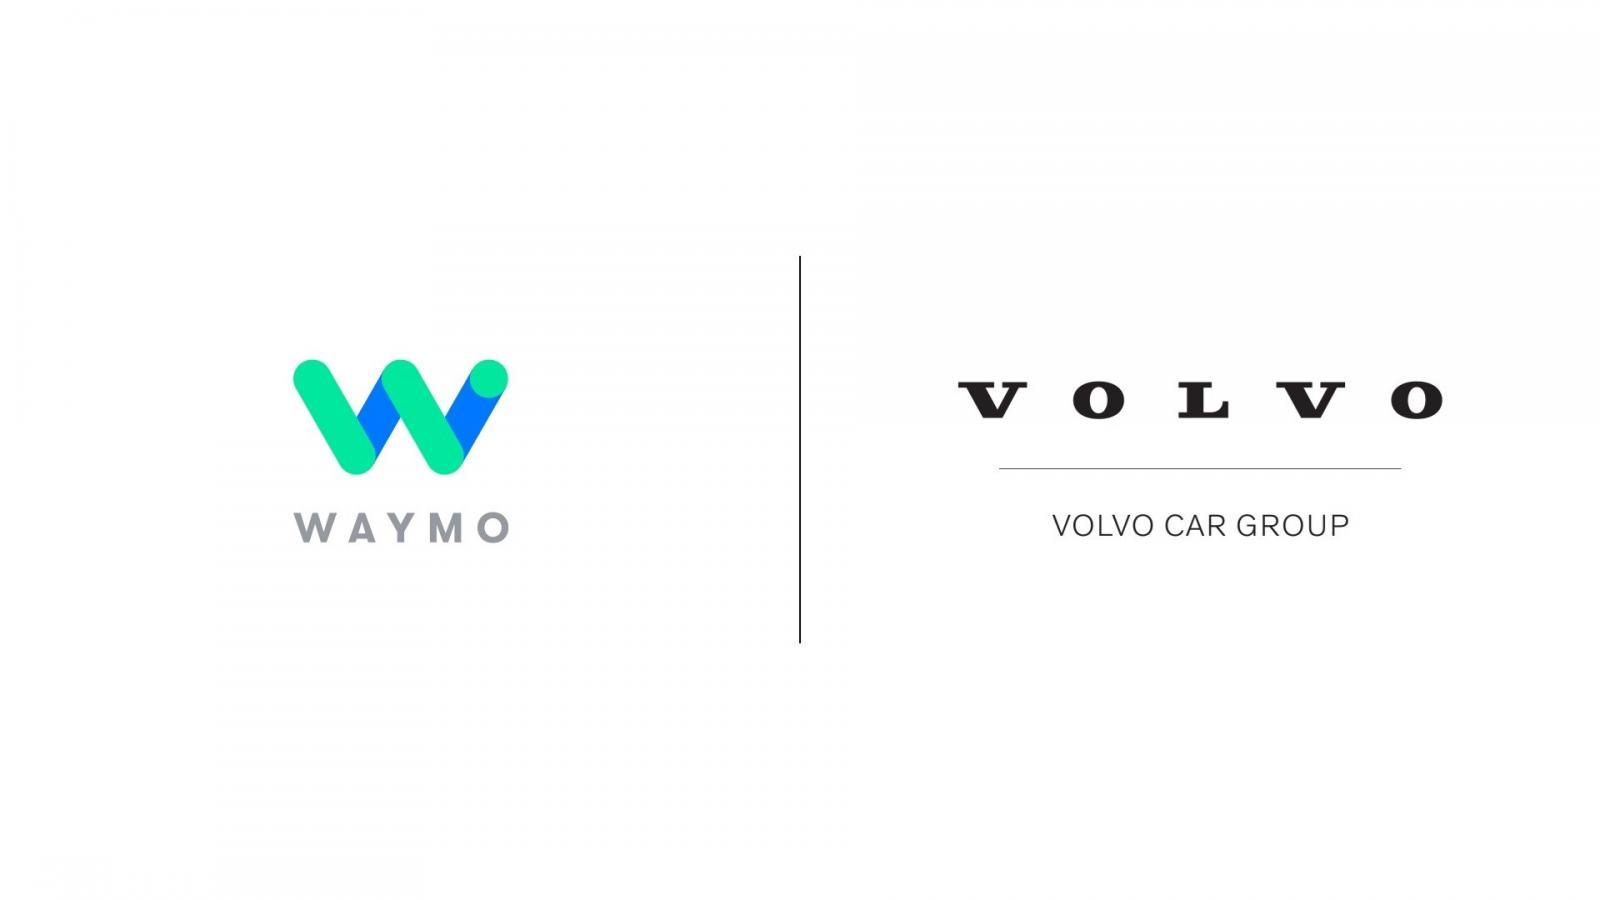 Volvo anunció acuerdo con Waymo